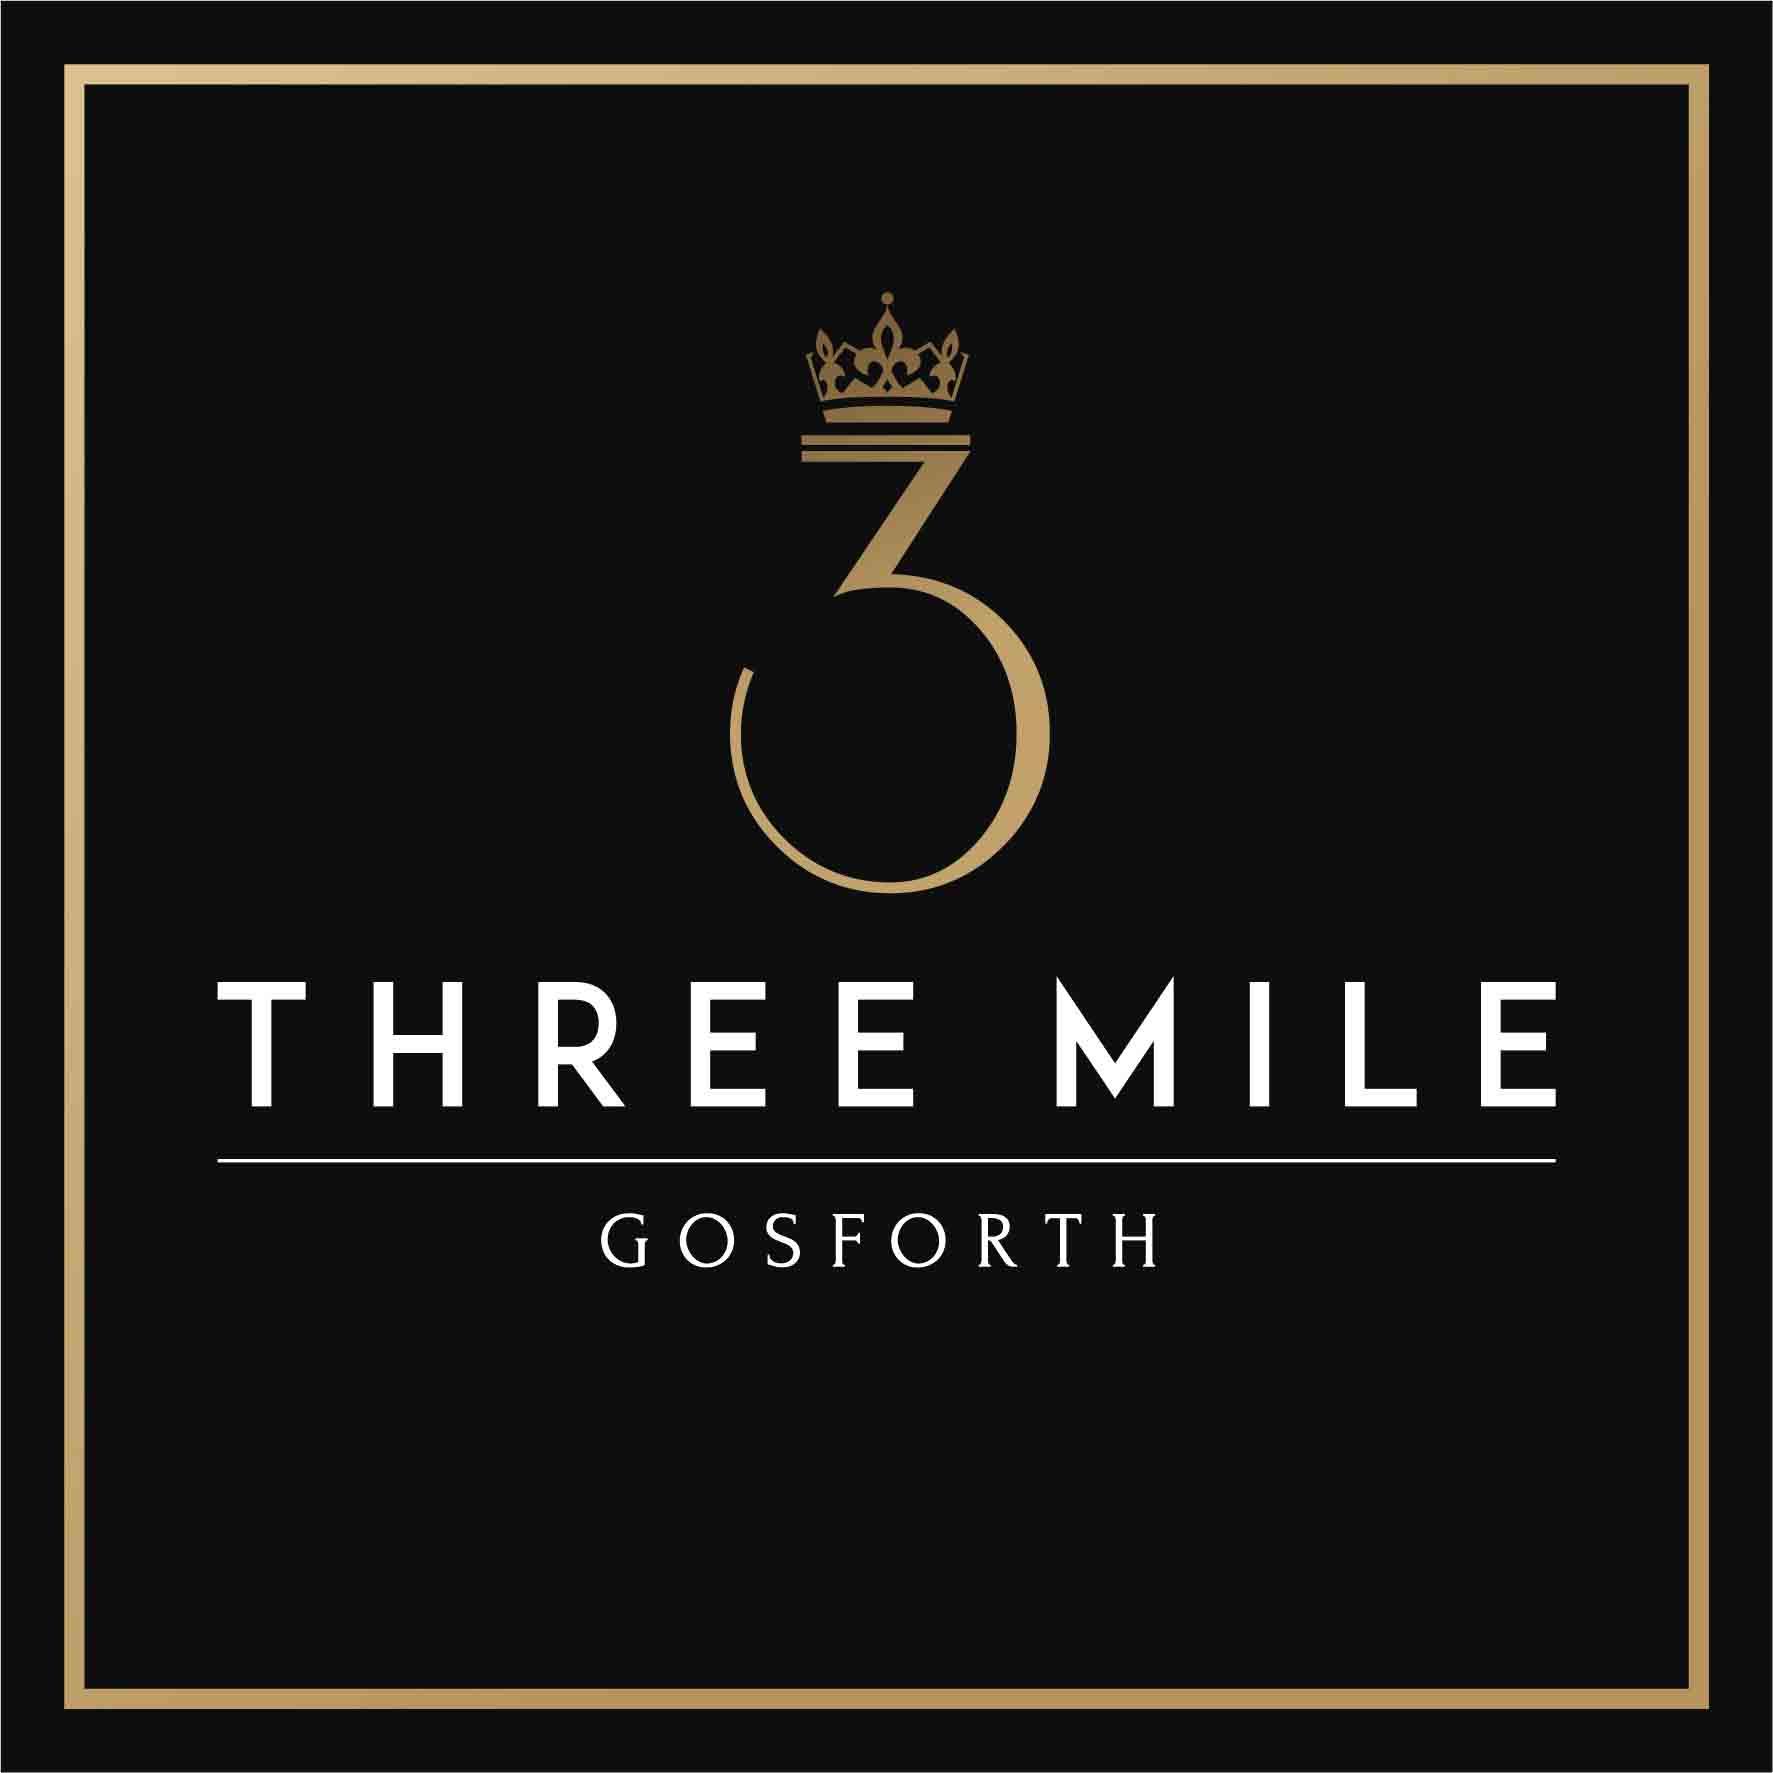 Three Mile